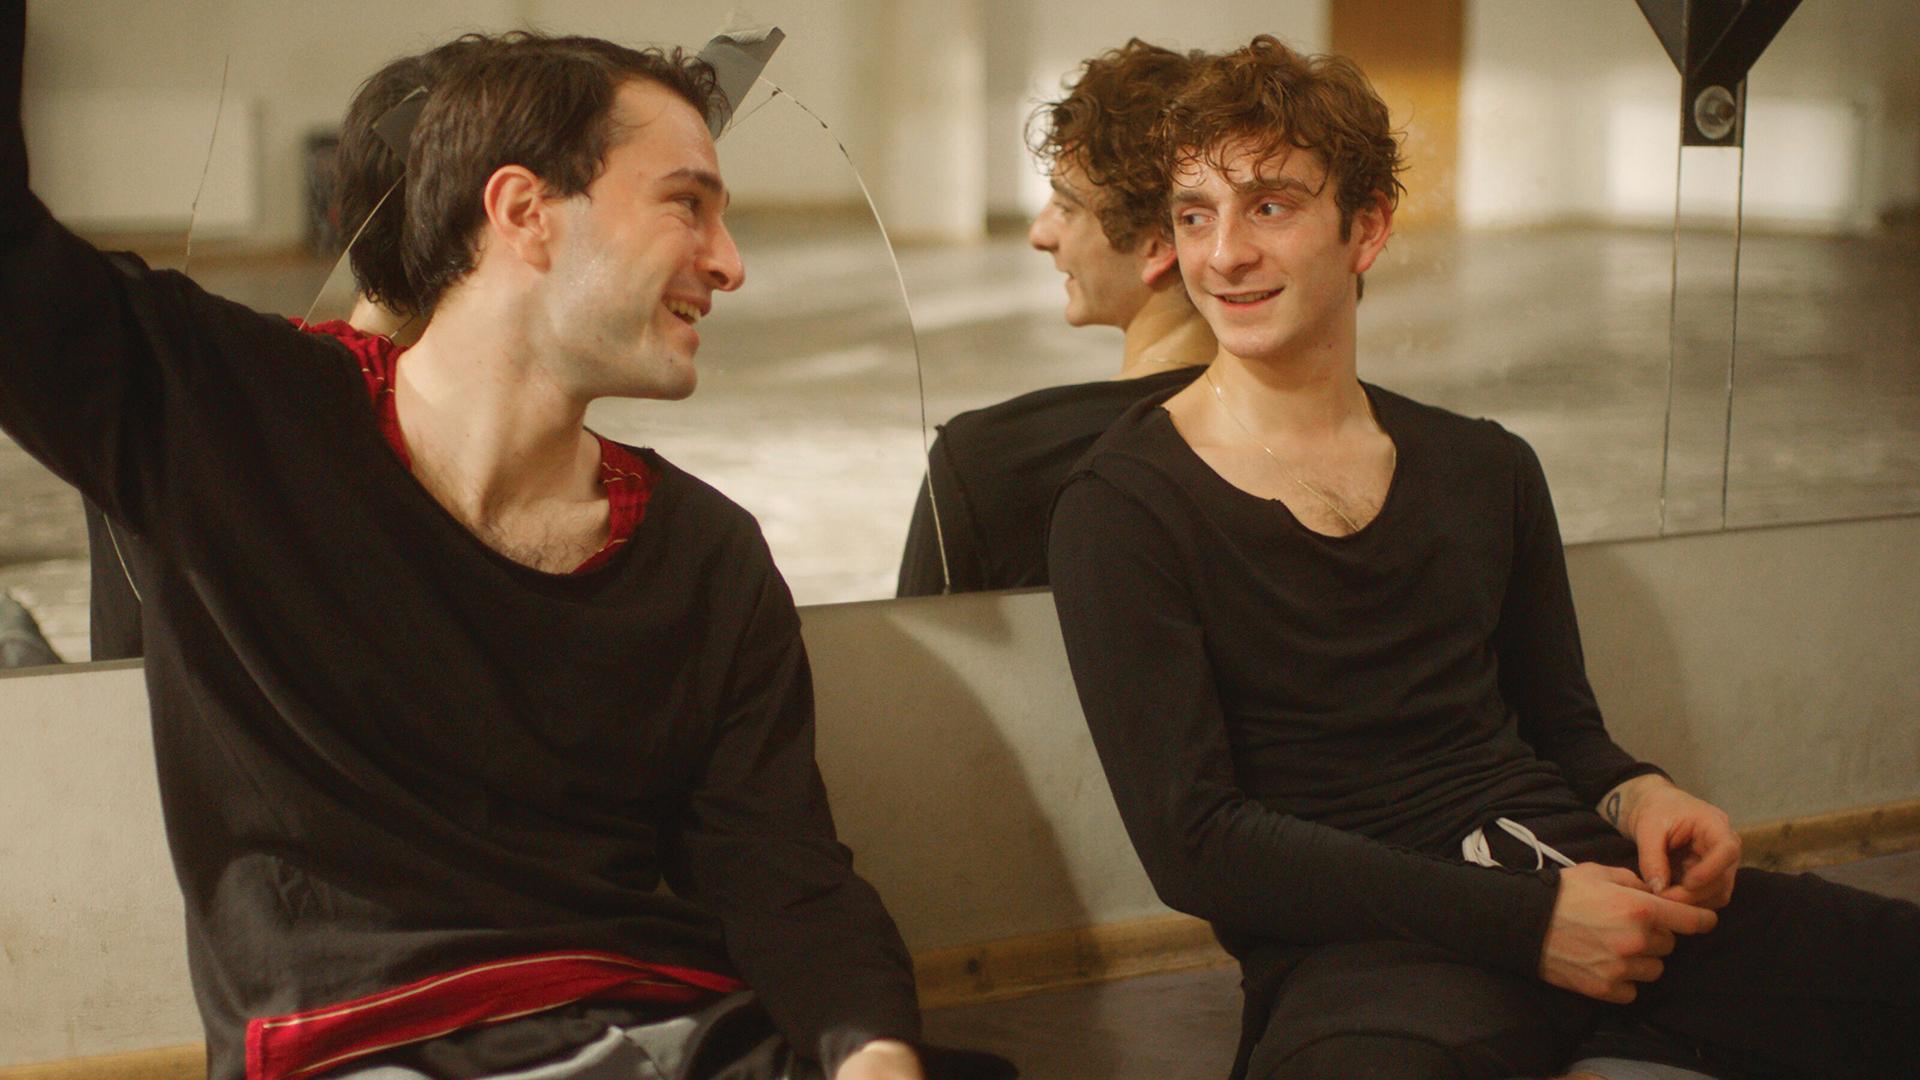 """""""And Then We Danced"""": La historia de amor gay que generó protestas en Georgia aterrizará en Sundance 2020"""